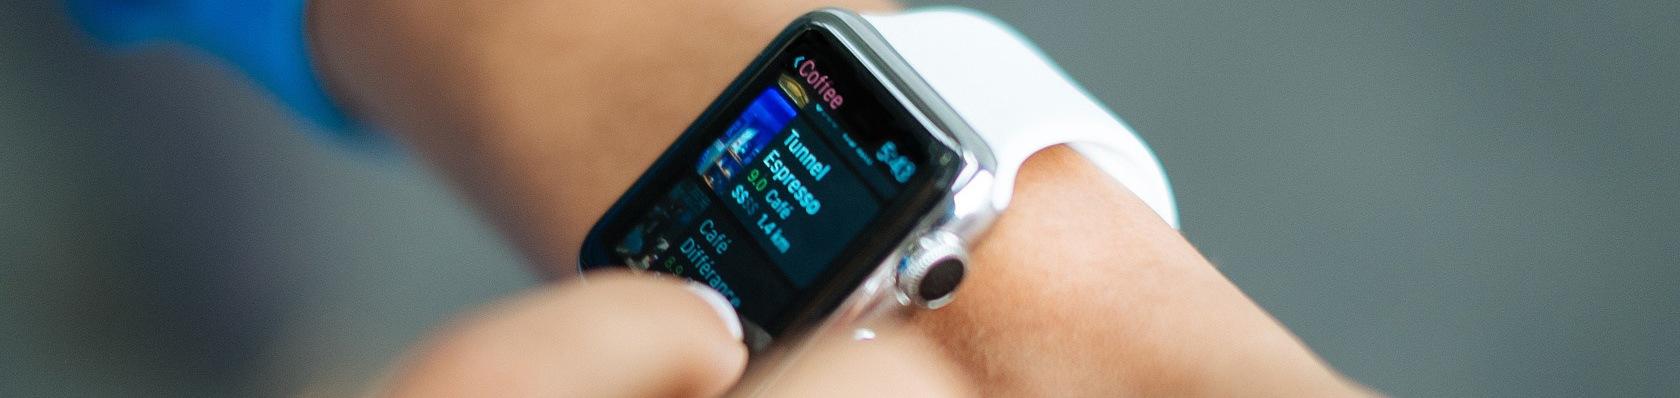 GPS Uhren im Test auf ExpertenTesten.de